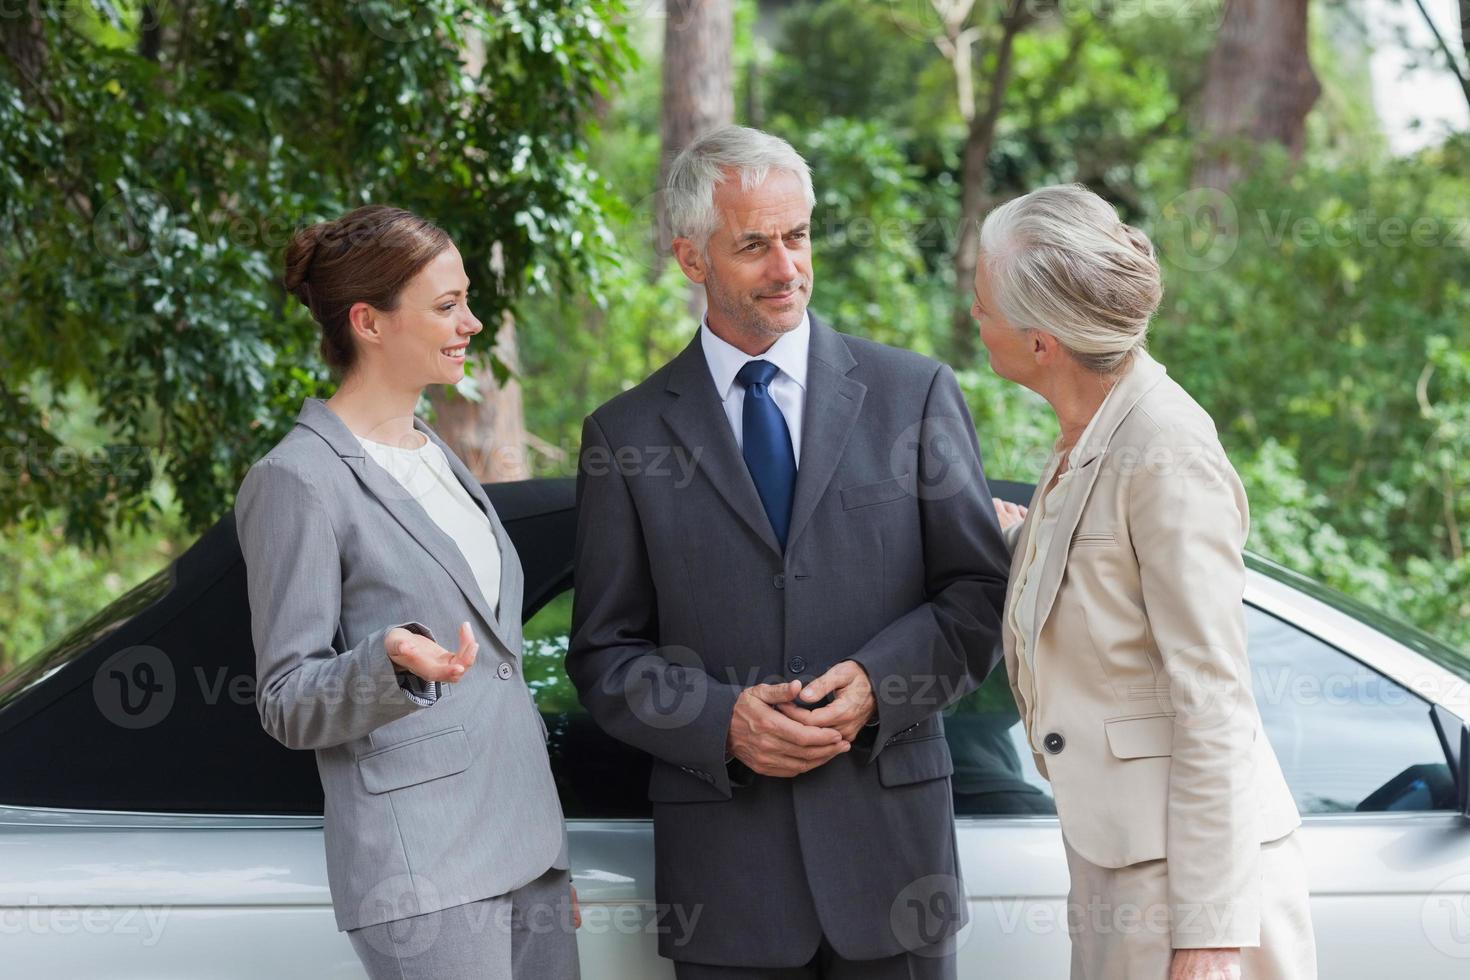 empresarios sonrientes hablando juntos por elegante cabriolet foto